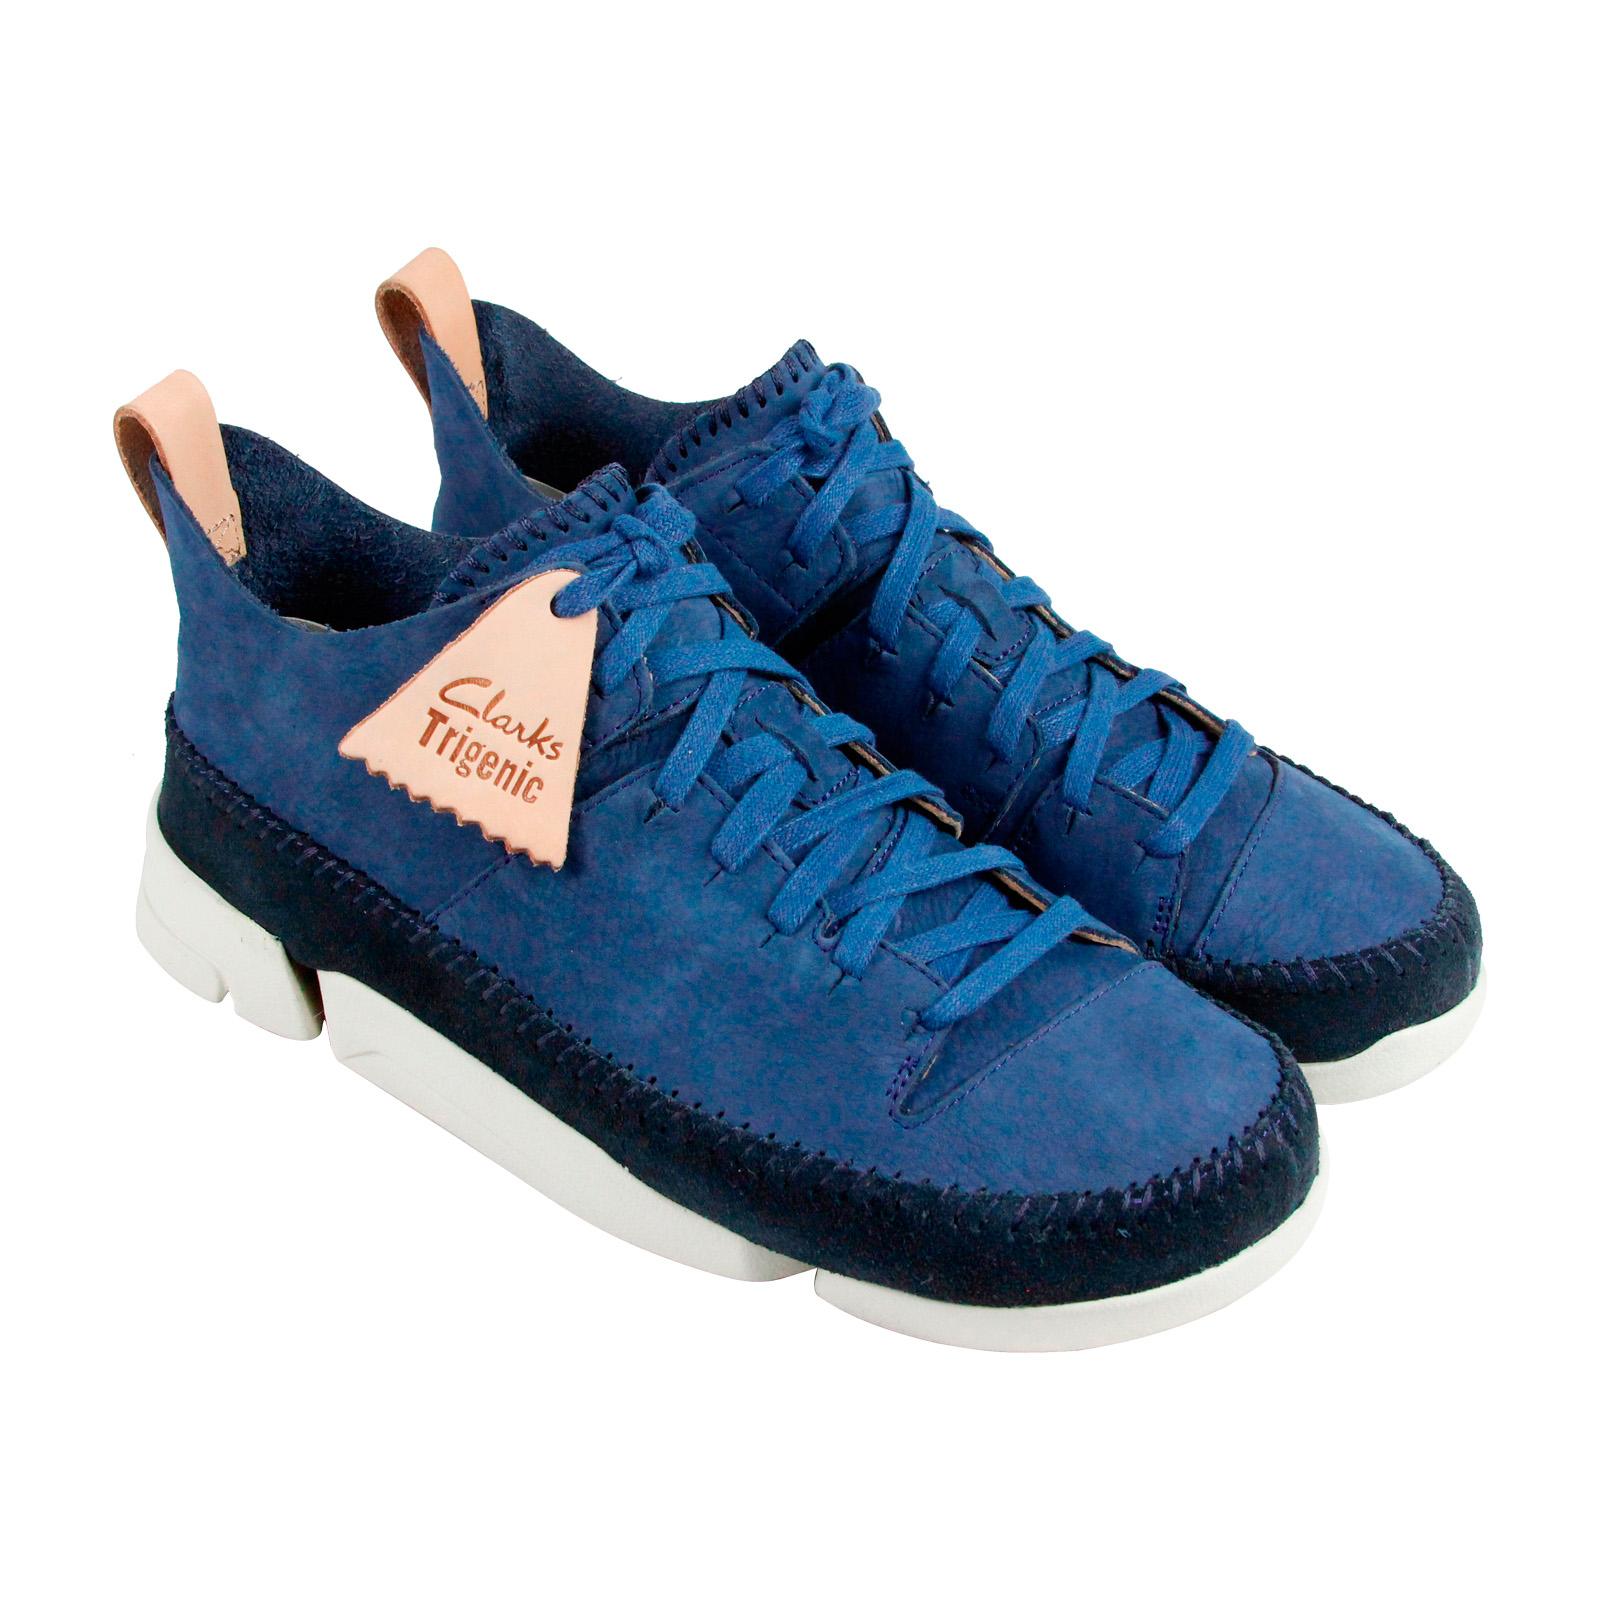 Clark trigenic flex le Uomo pelle blu allacciarsi le flex scarpe con i lacci delle scarpe c5ba79